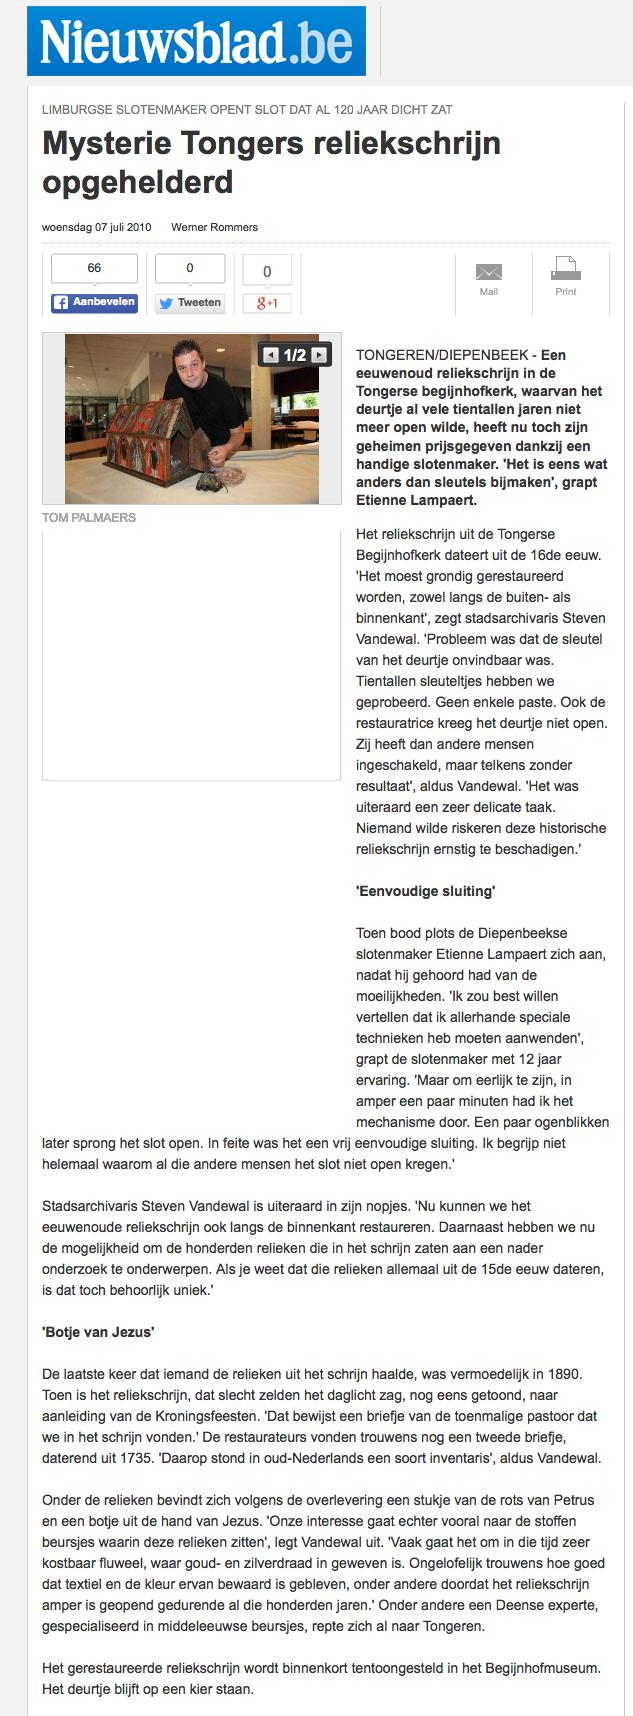 Artikel-Nieuwsblad